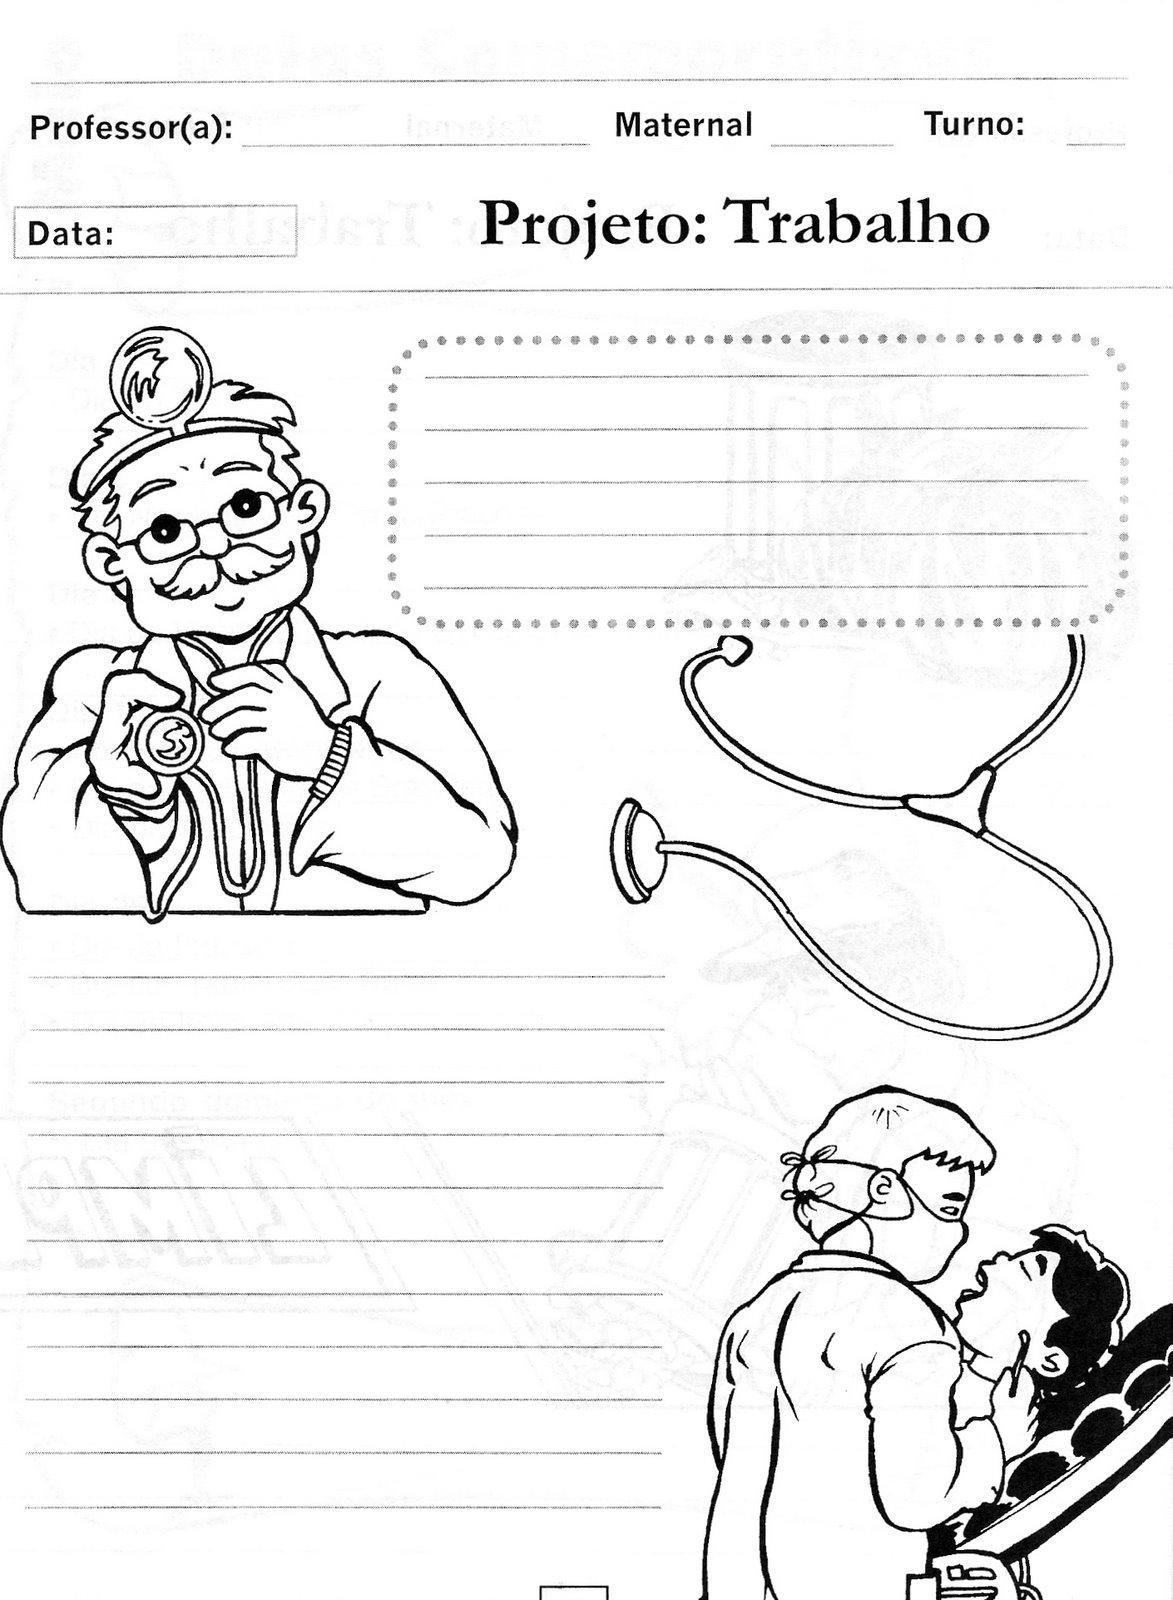 Portal do Professor do ensino Infantil: DIA DO TRABALHO